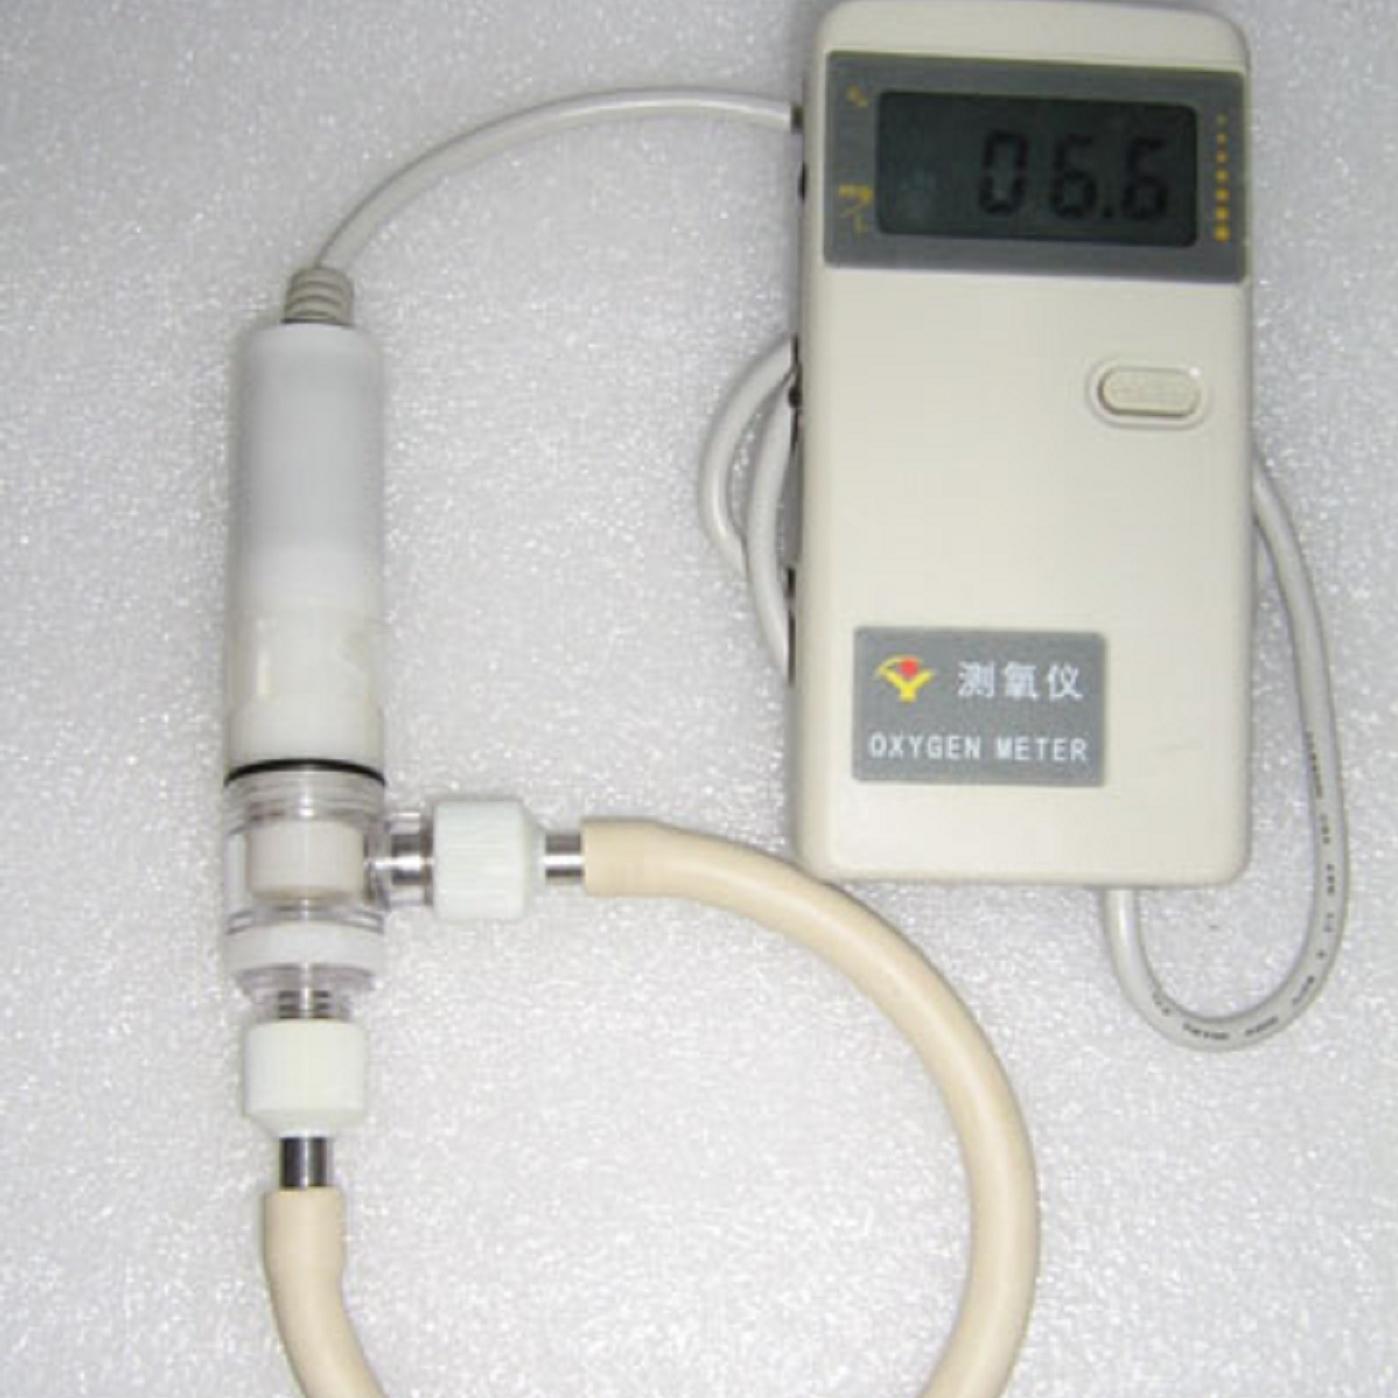 新型便携式溶氧分析仪